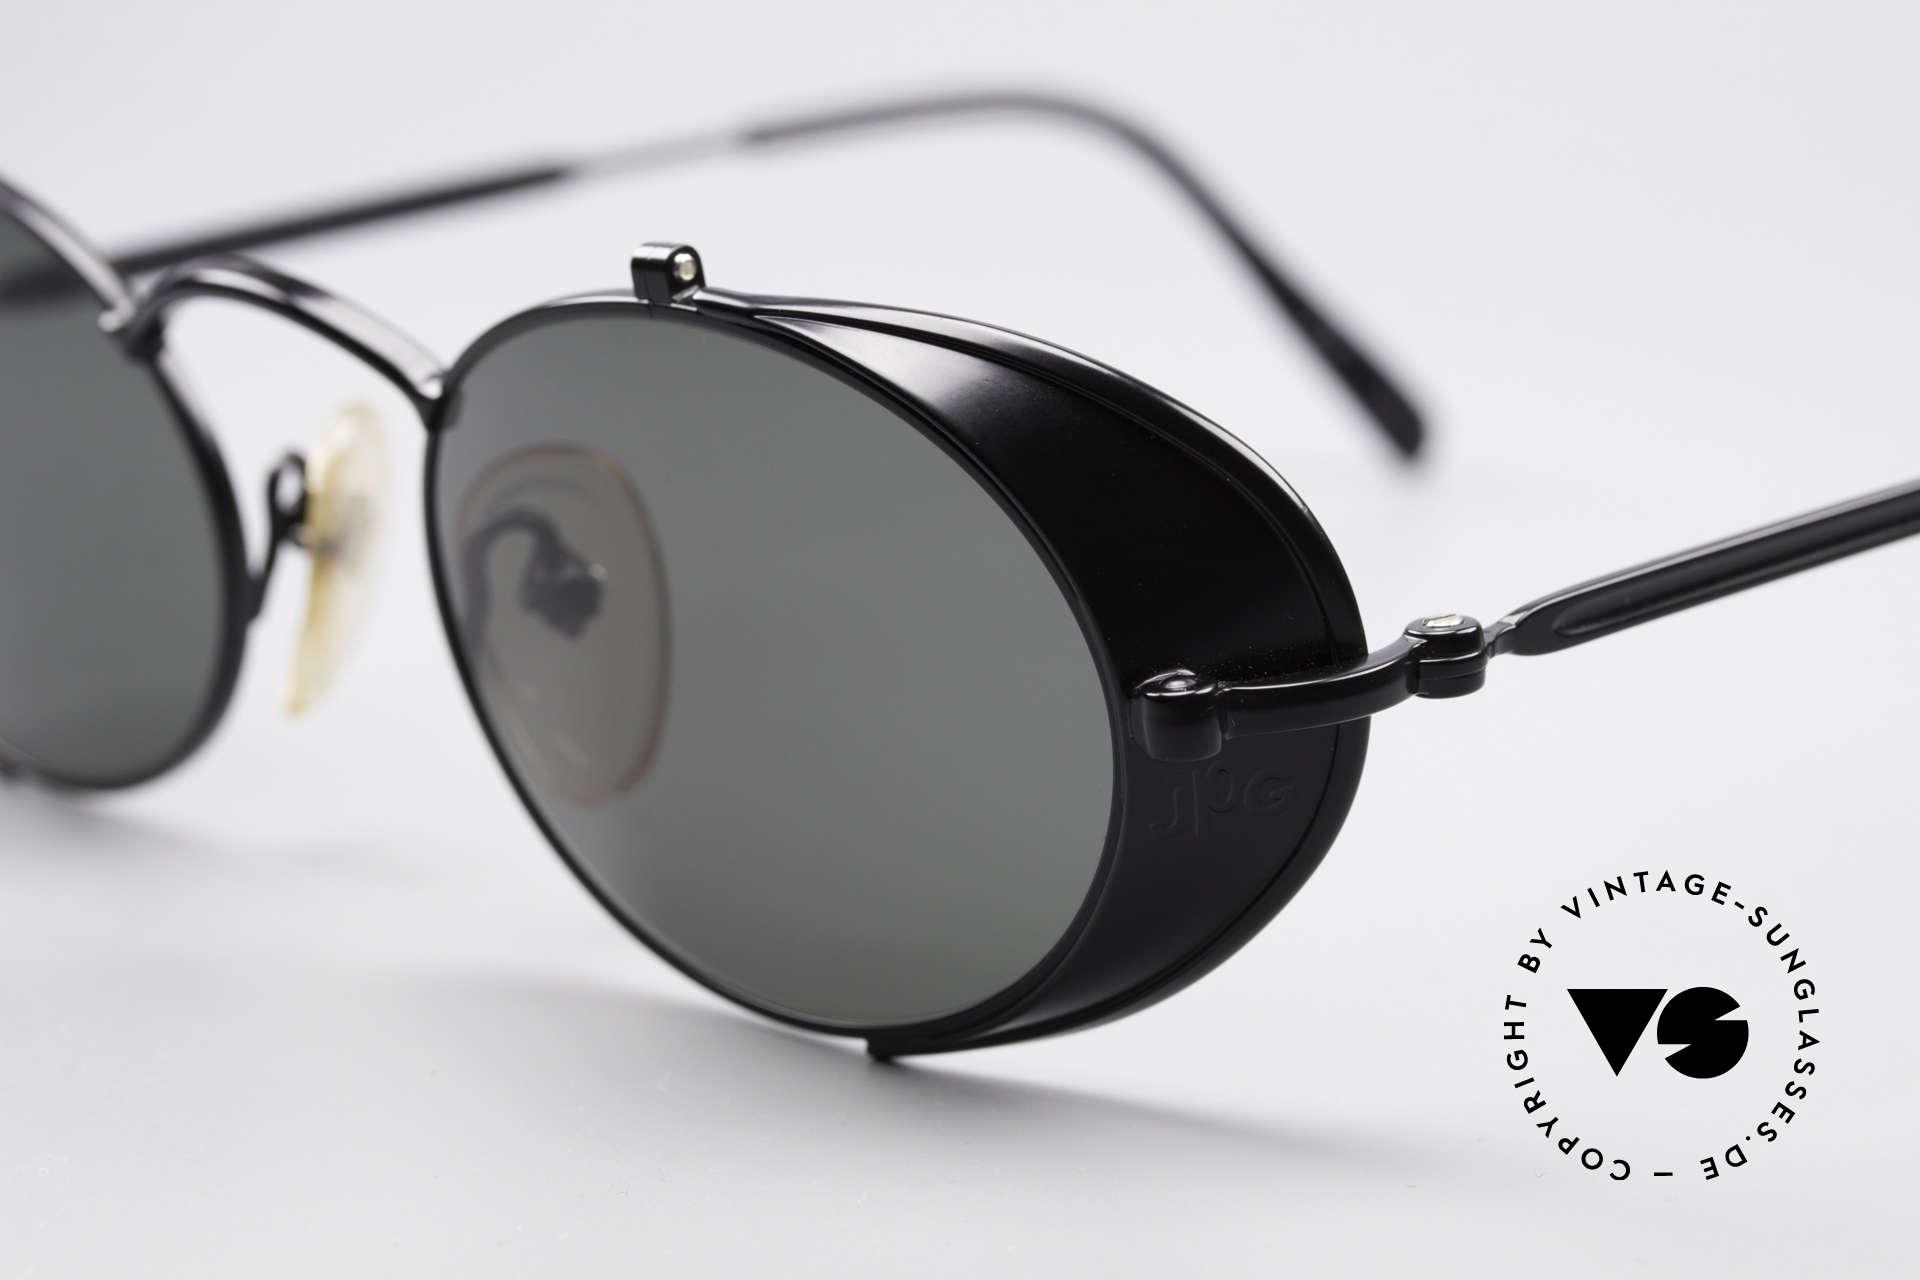 Jean Paul Gaultier 56-1175 Seitenscheiben Sonnenbrille, also einer Sicht auf die Zukunft, aus einer früheren Zeit, Passend für Herren und Damen